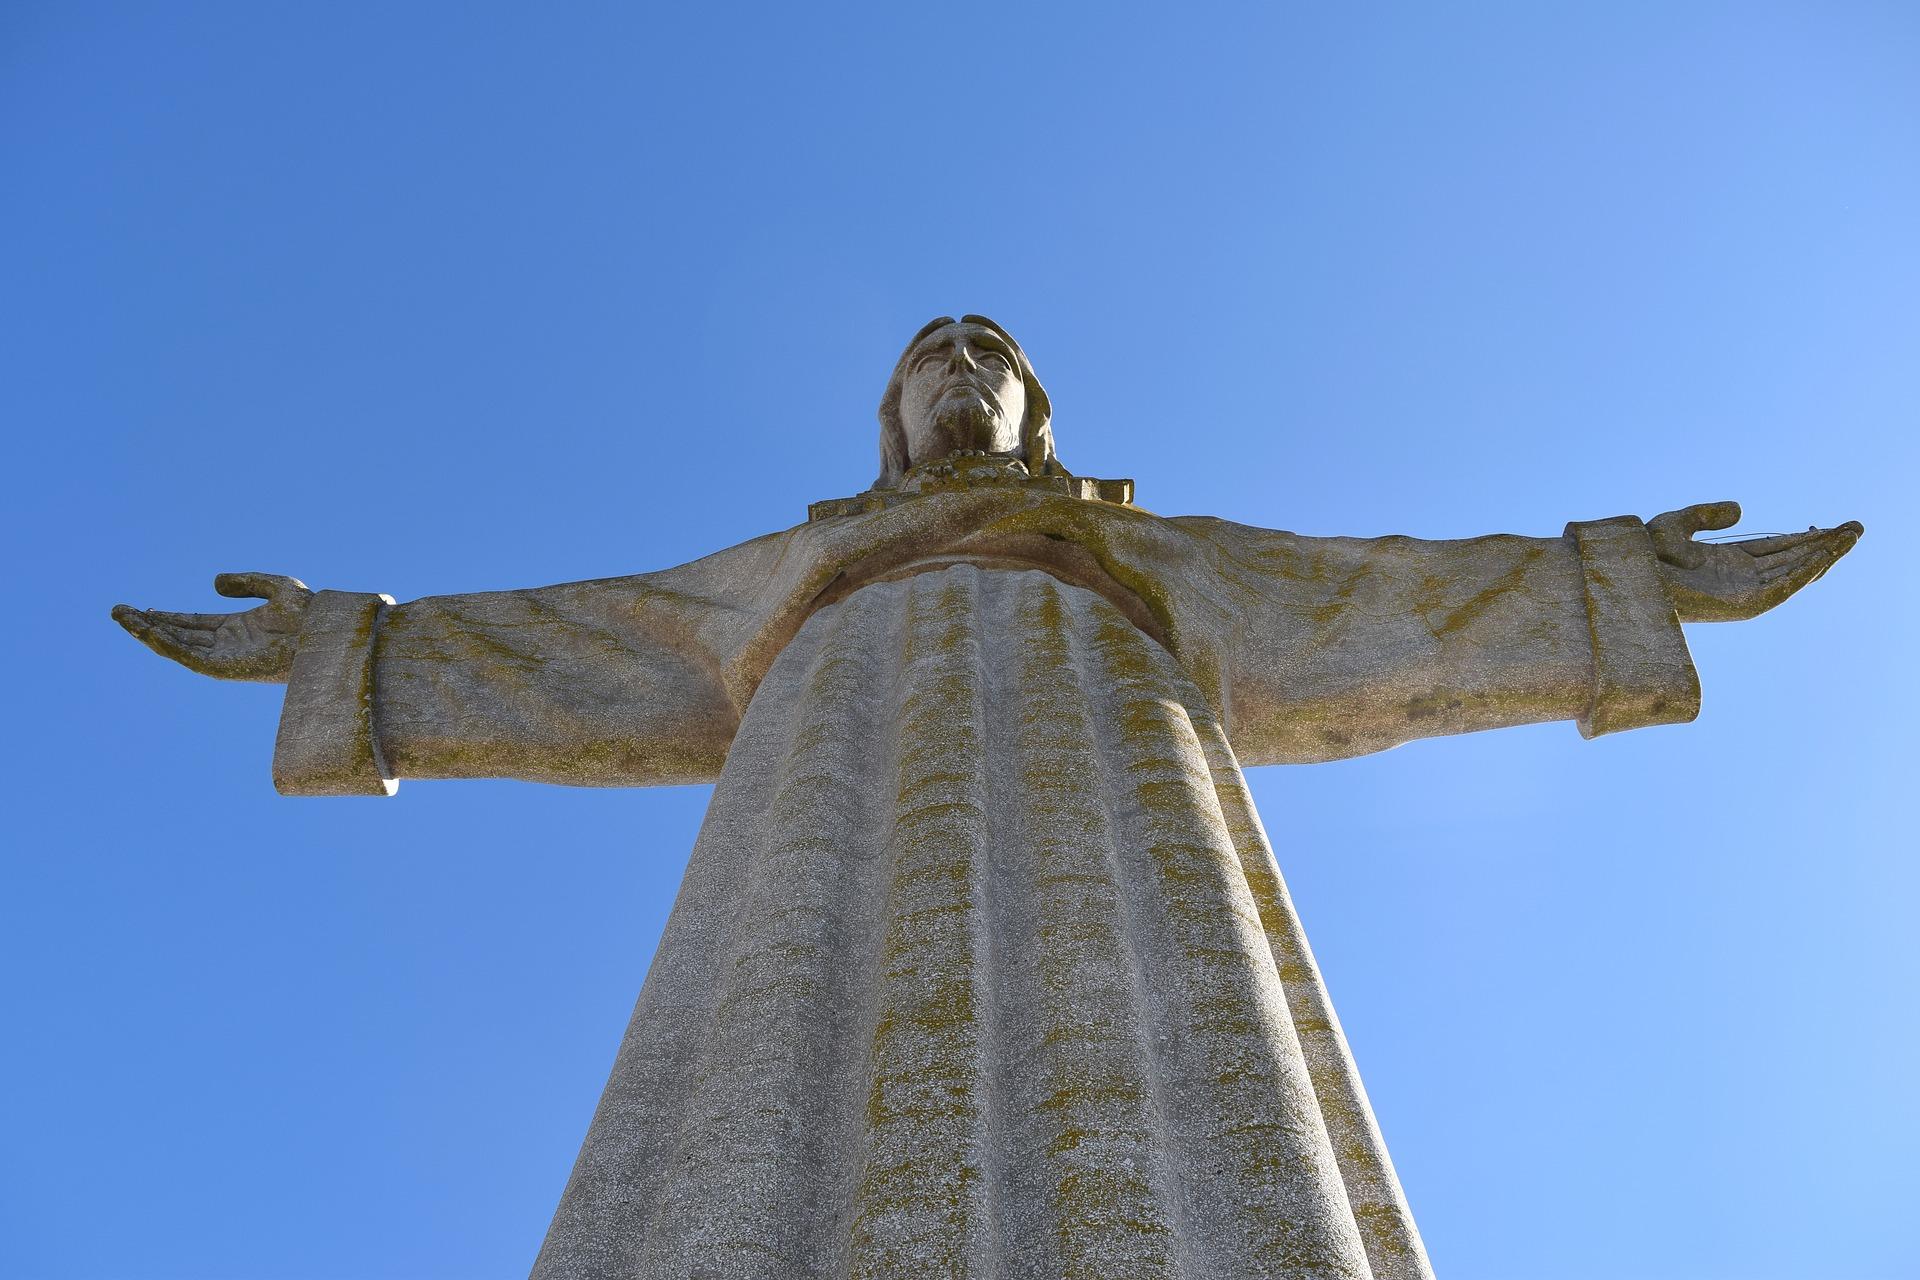 cristo-rei-statue-2614607_1920